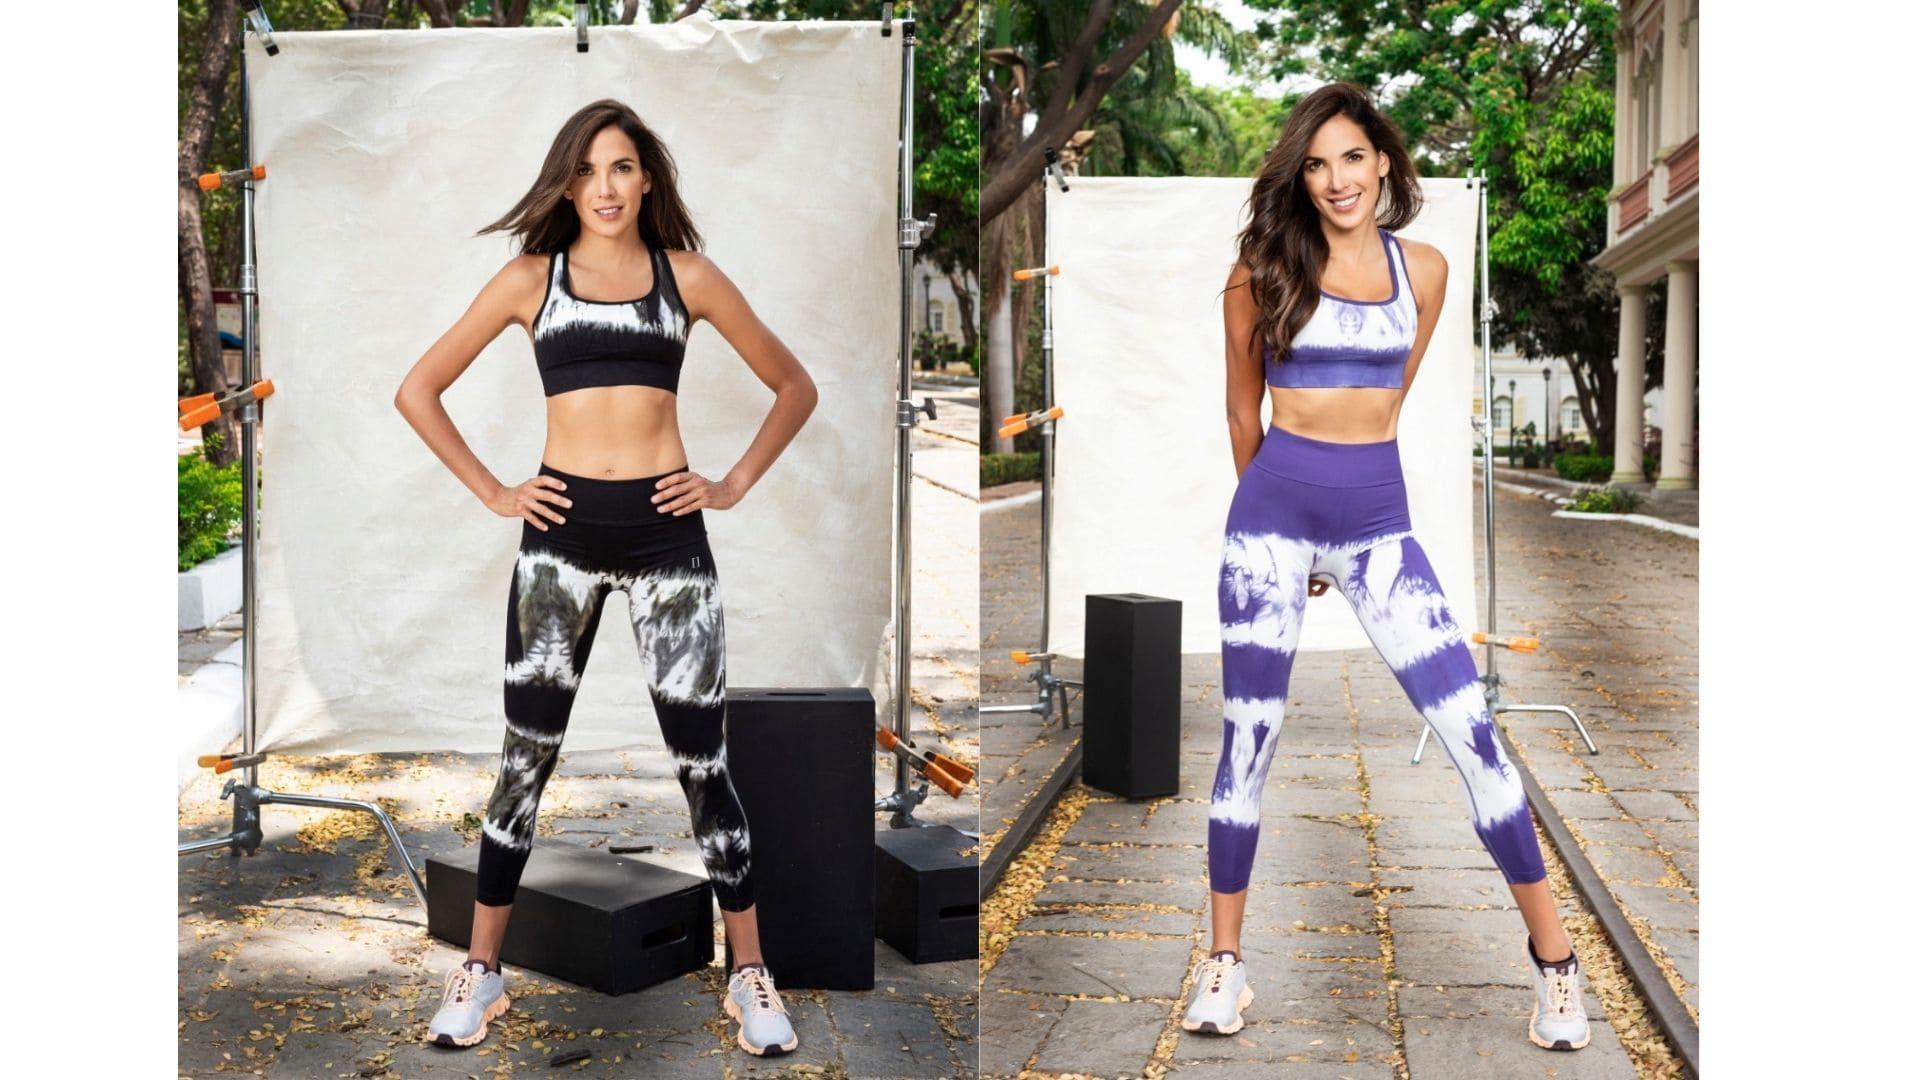 TSX Sportswear impulsa la industria ecuatoriana con calidad y comodidad